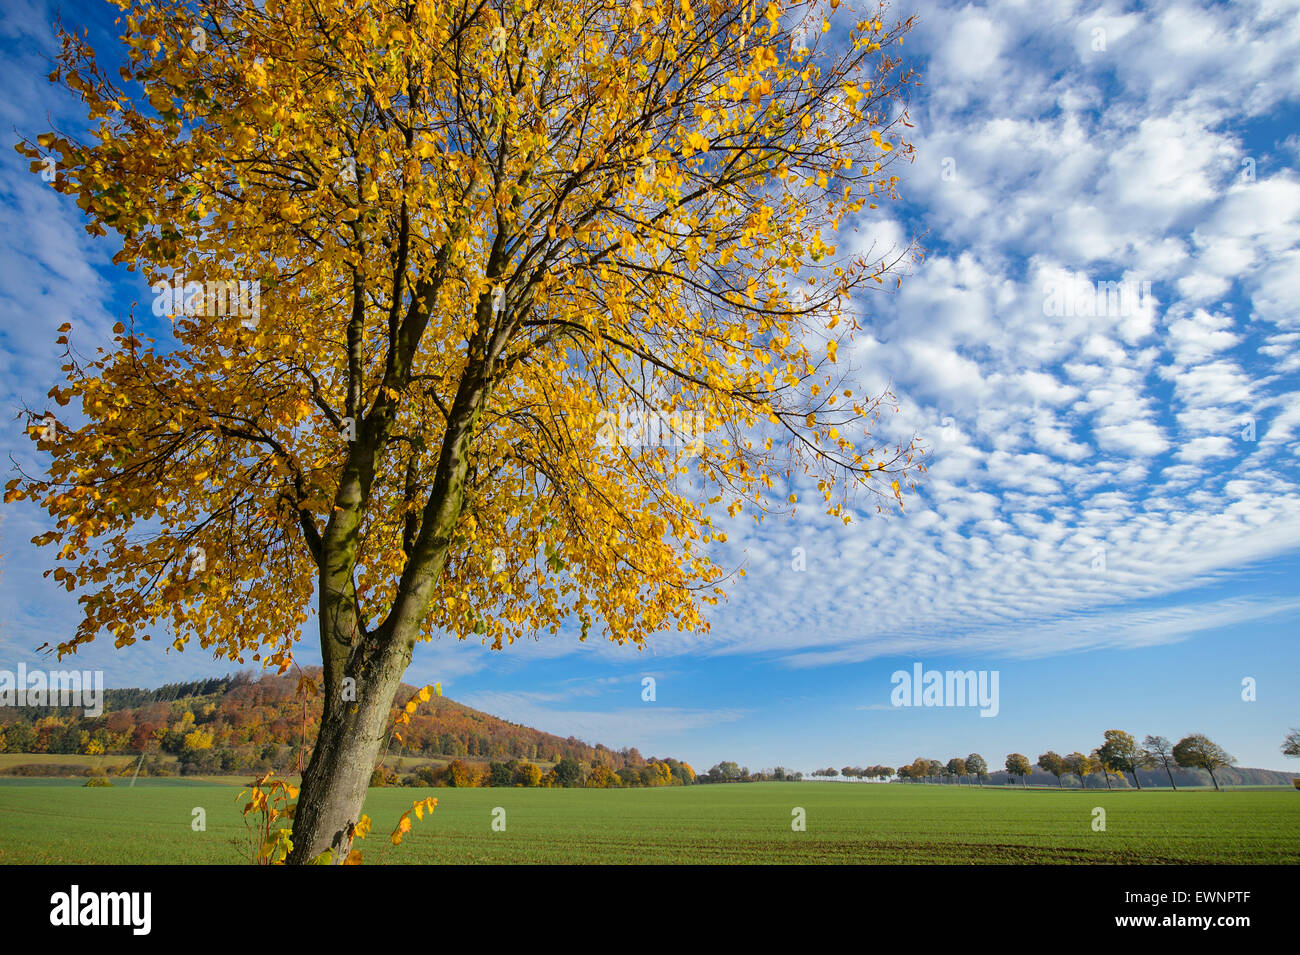 Tilleul à l'automne, weser uplands, bodenwerder, Basse-Saxe, Allemagne Banque D'Images